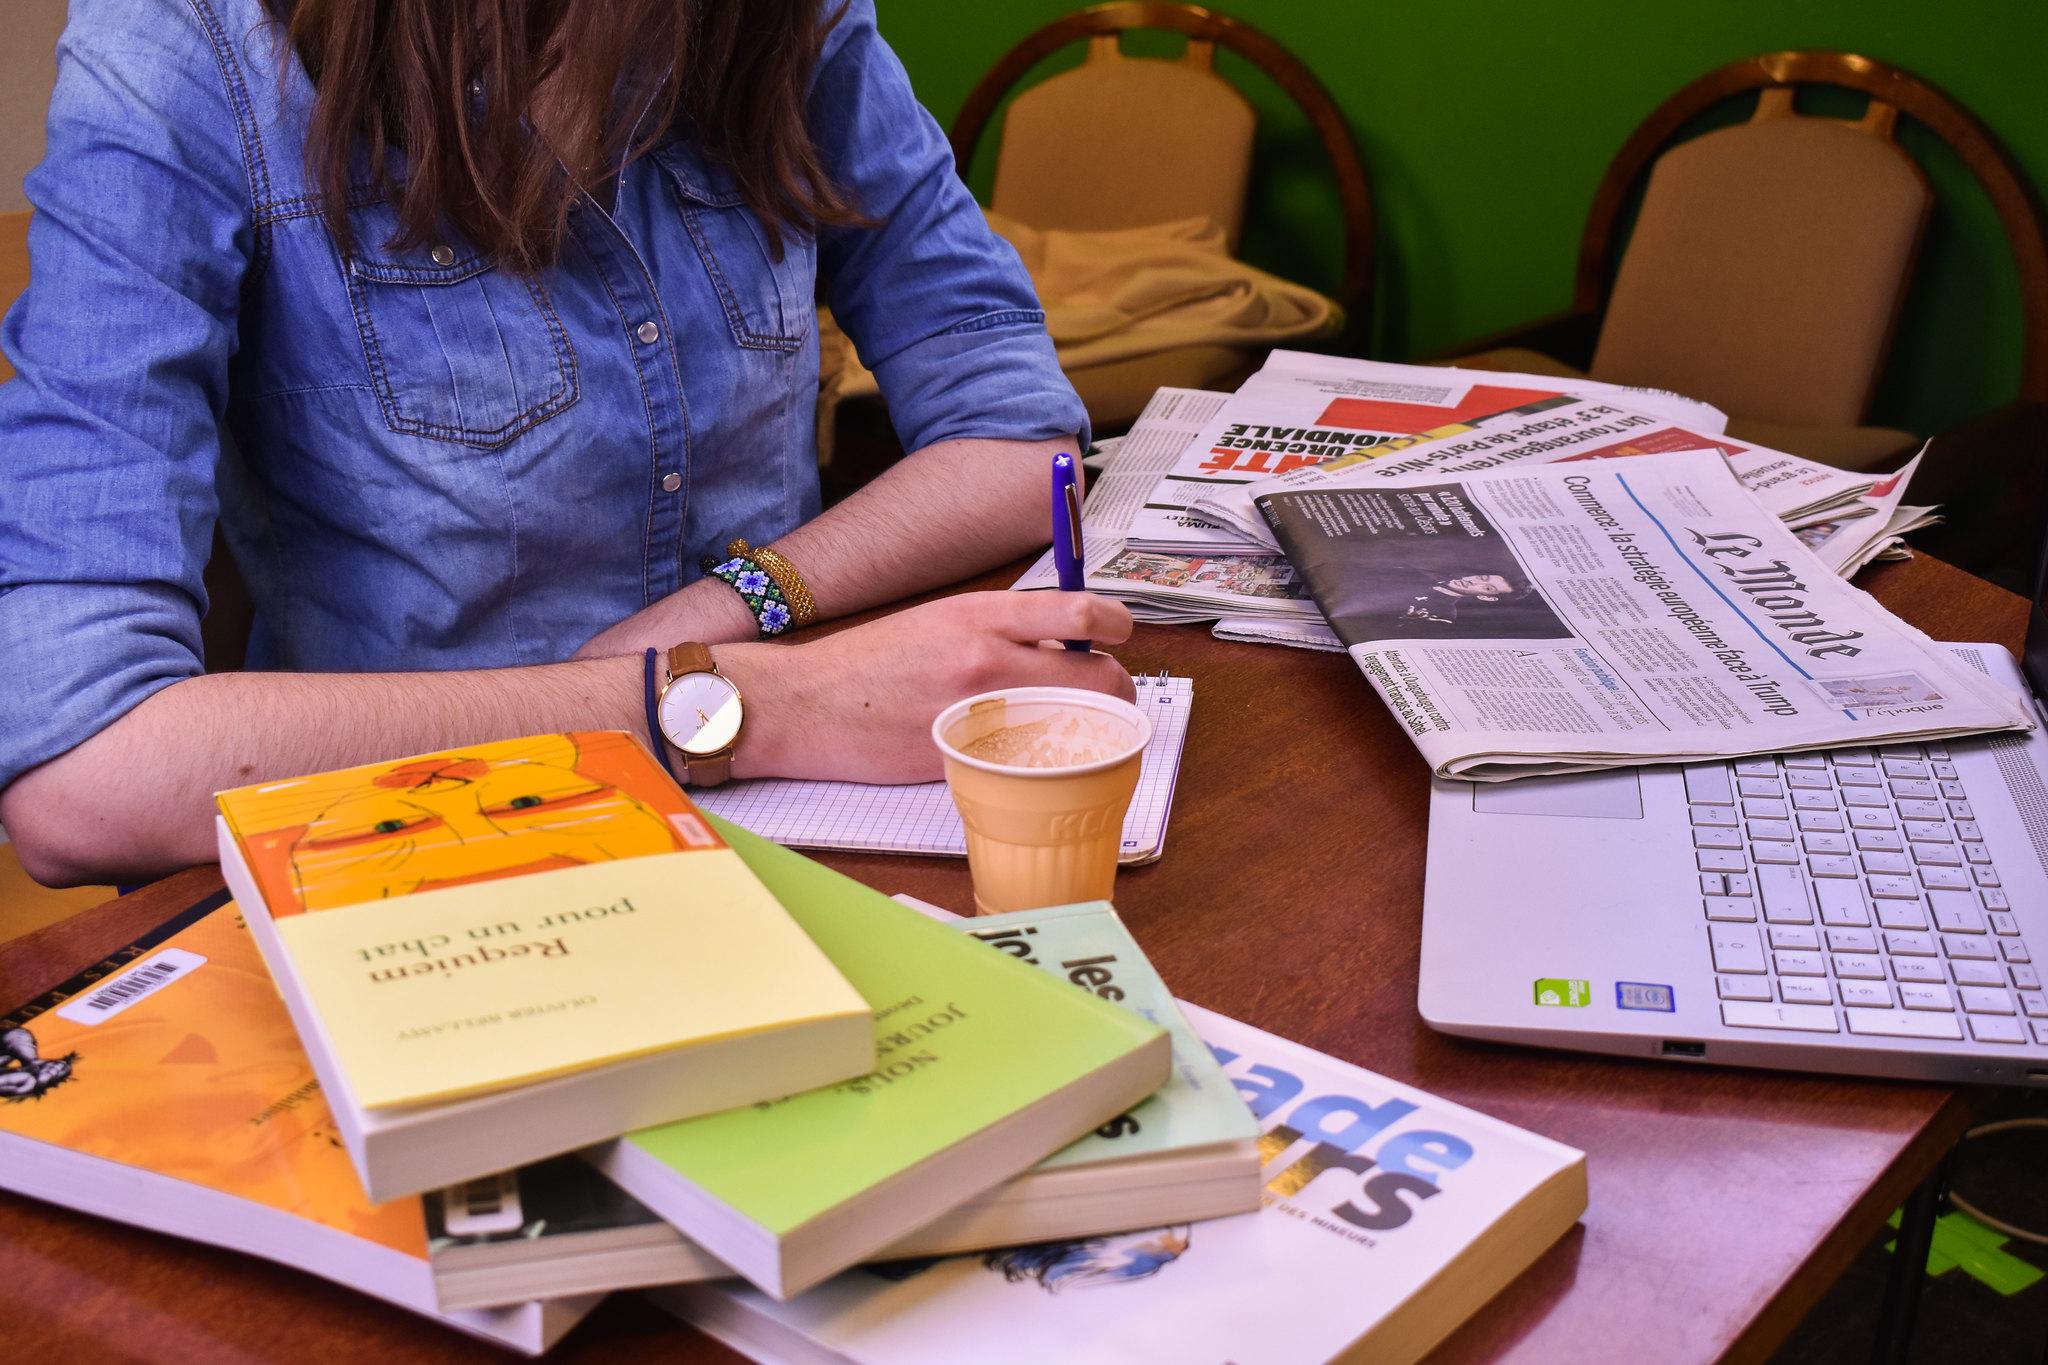 Journalistes, des romanciers pas comme les autres. Photo : Malvina Raud.